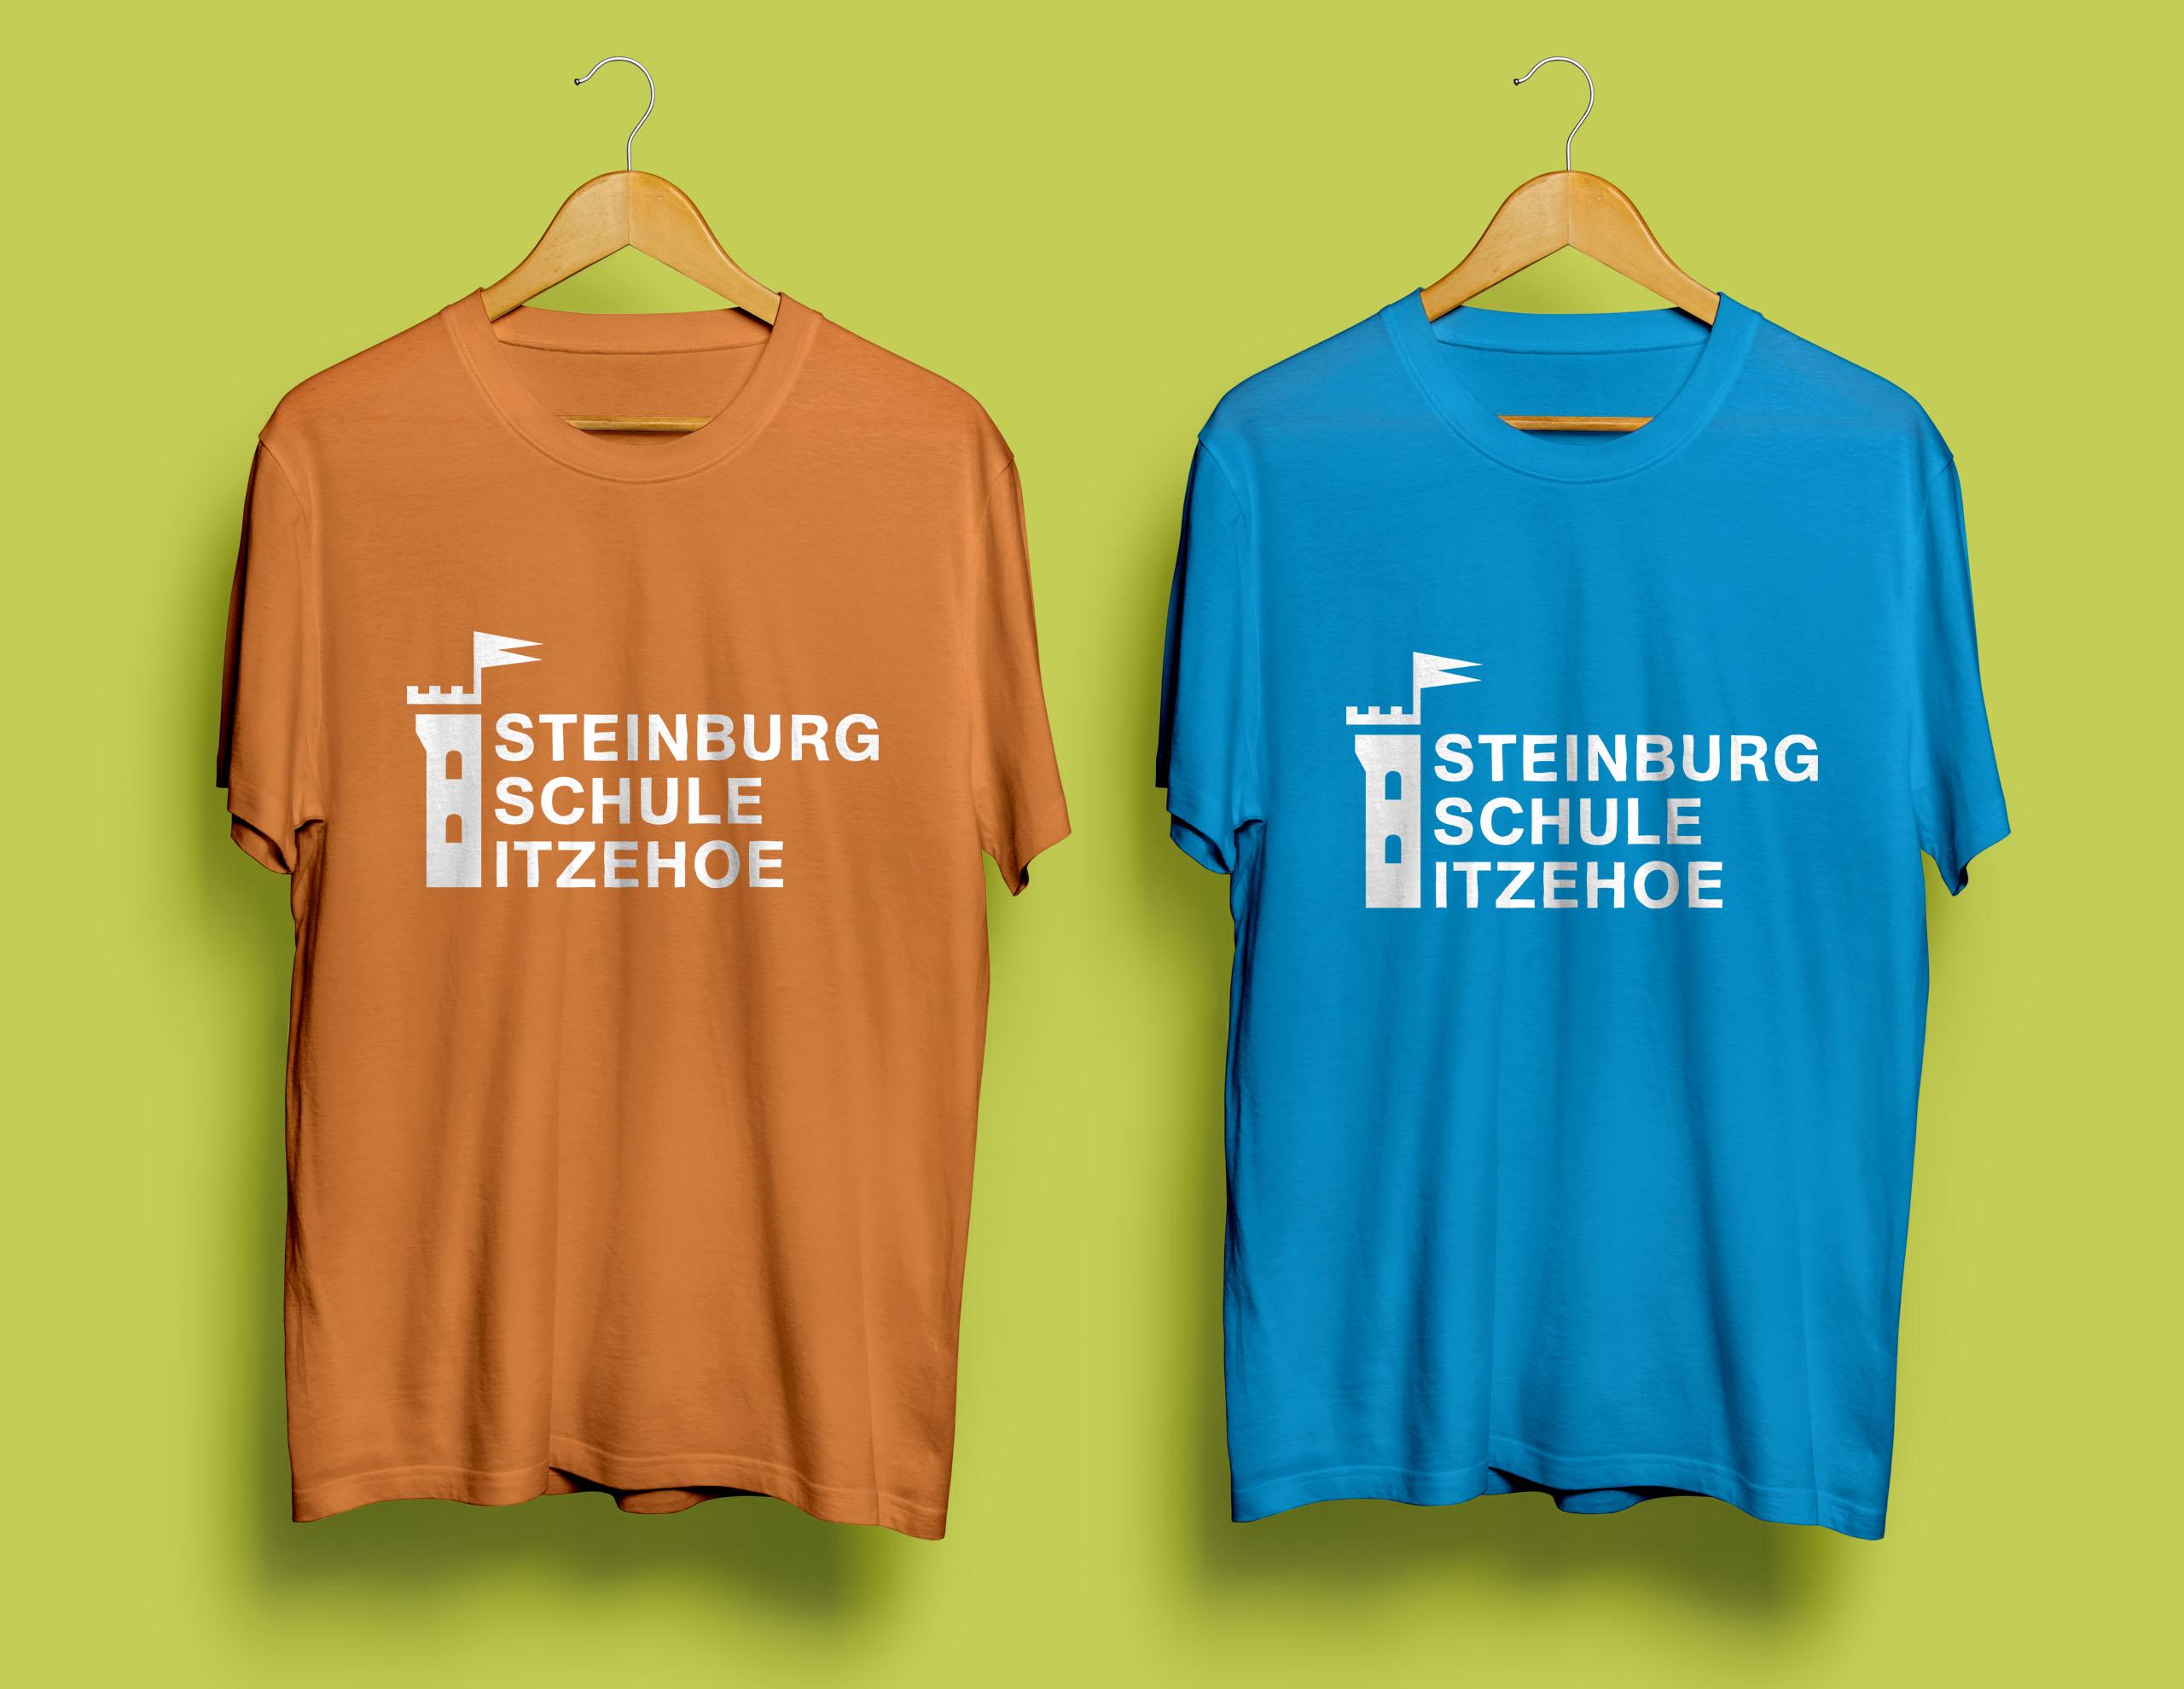 Steinburg-Schule_T-Shirts_2560x1920_1